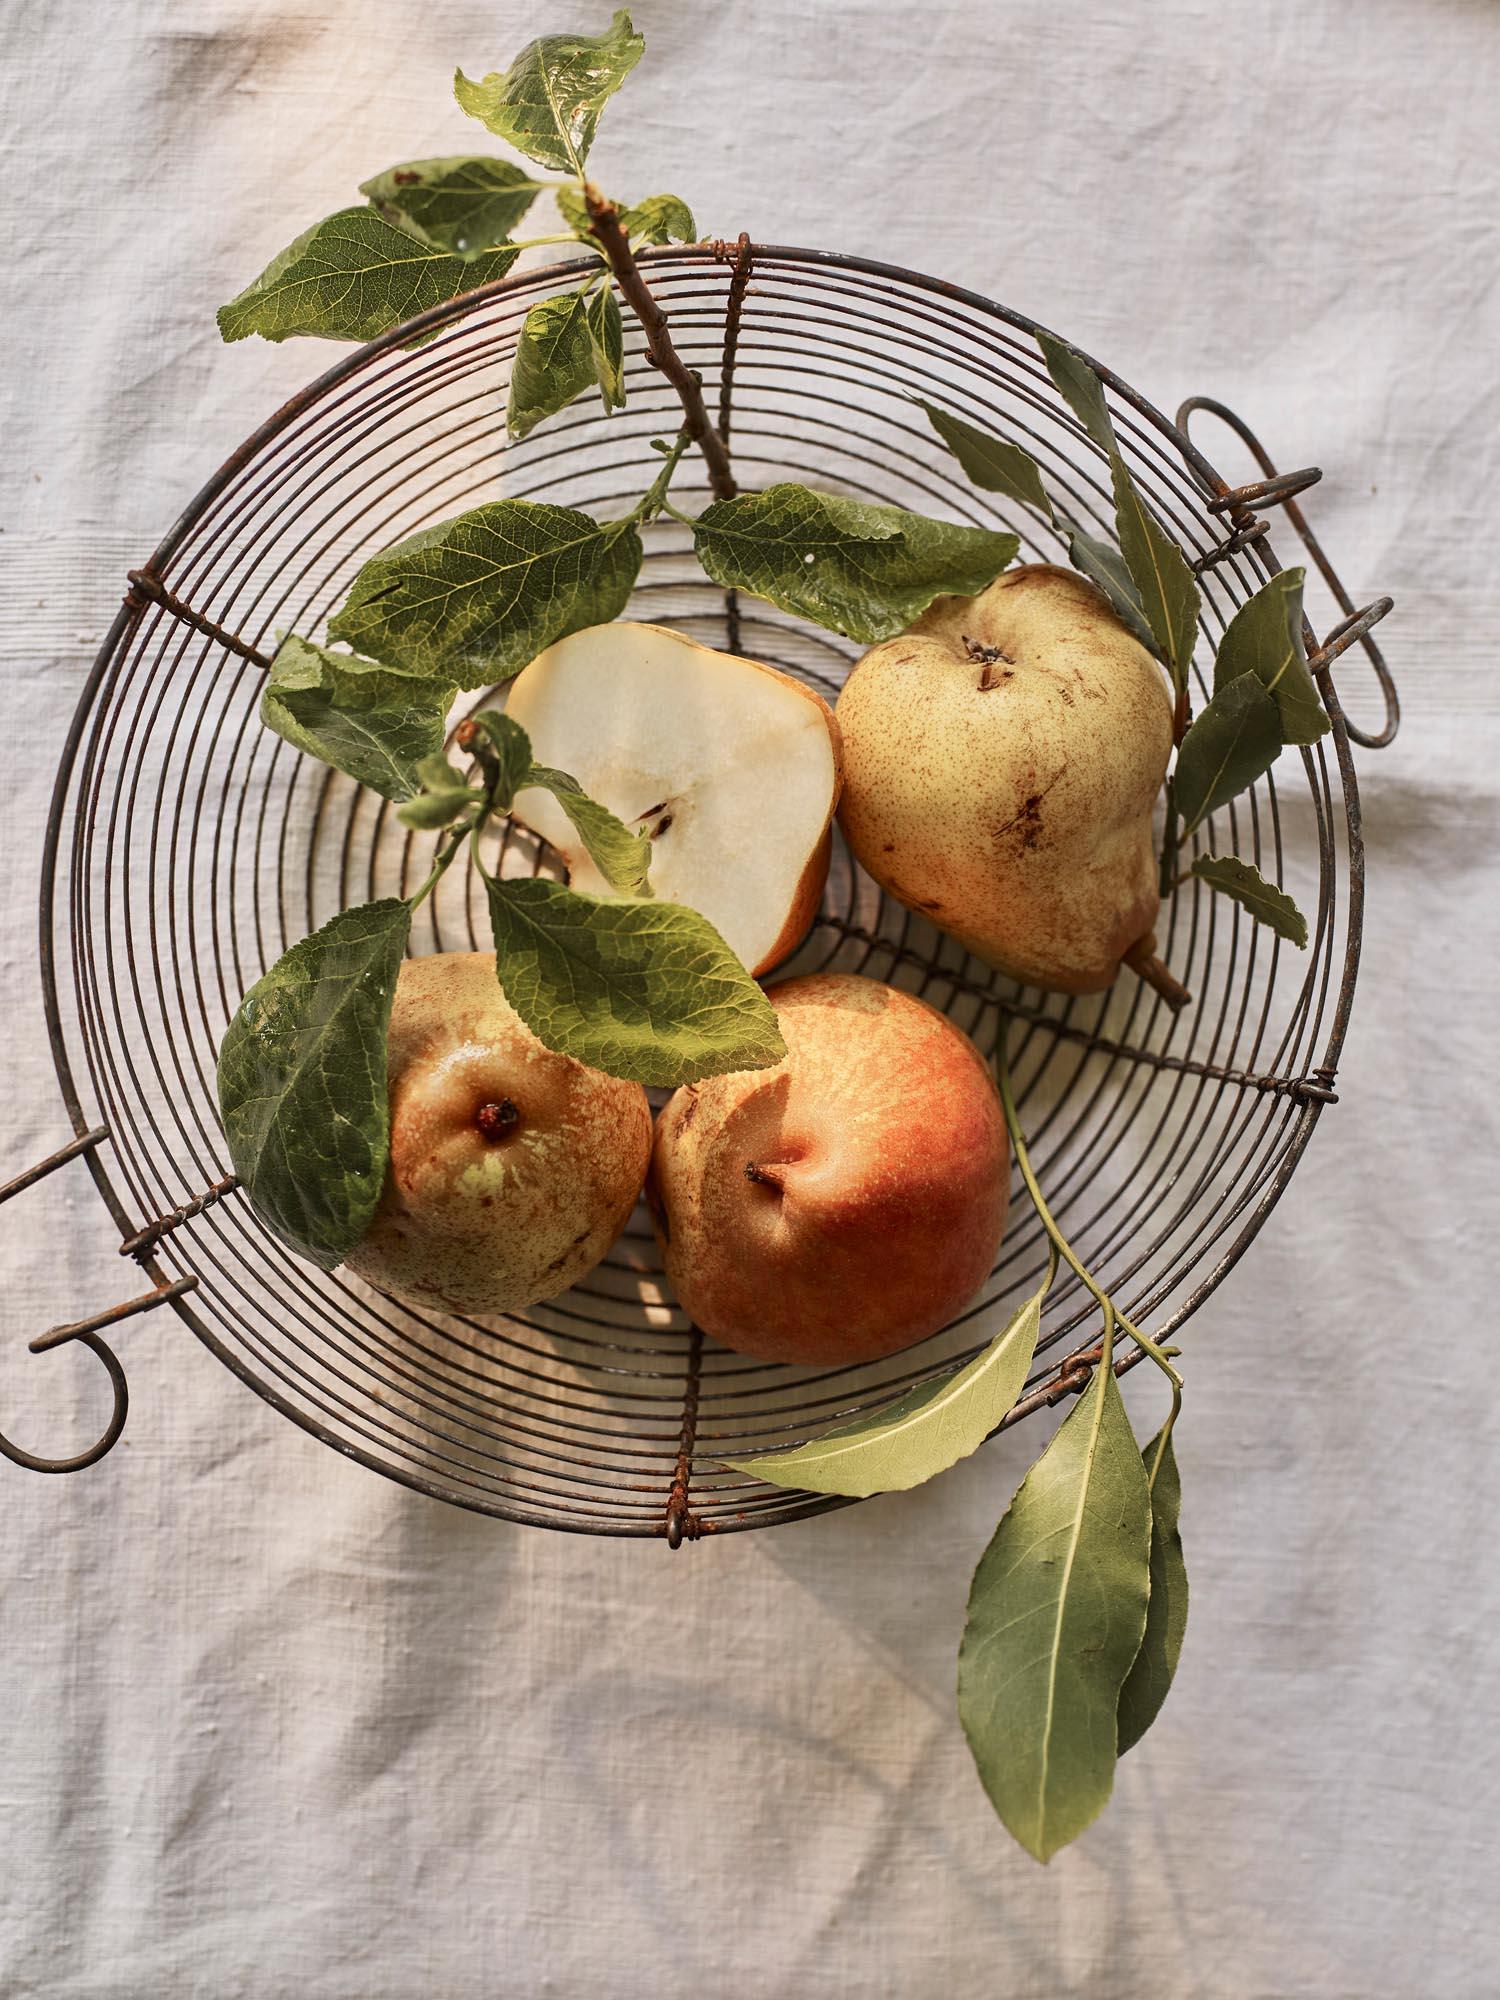 8. Pears_672.jpg